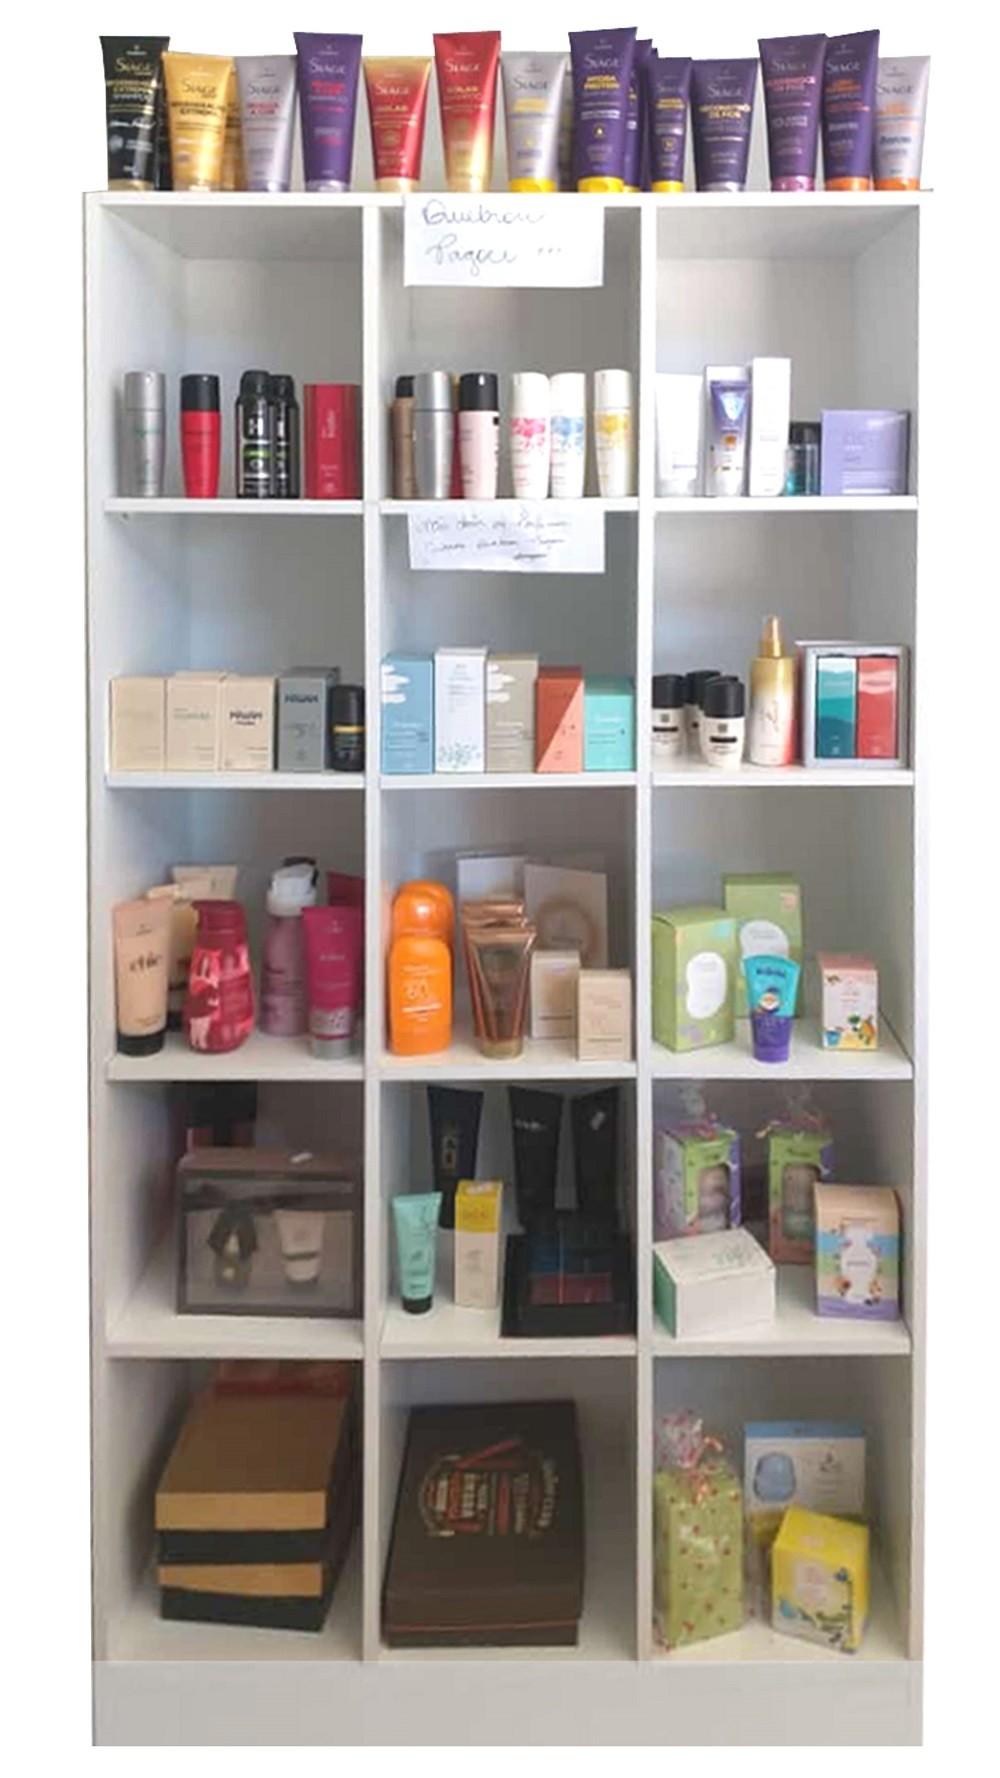 Kit 4 Expositores Para Perfumaria: 2 Colméia Bia + 2 Liz